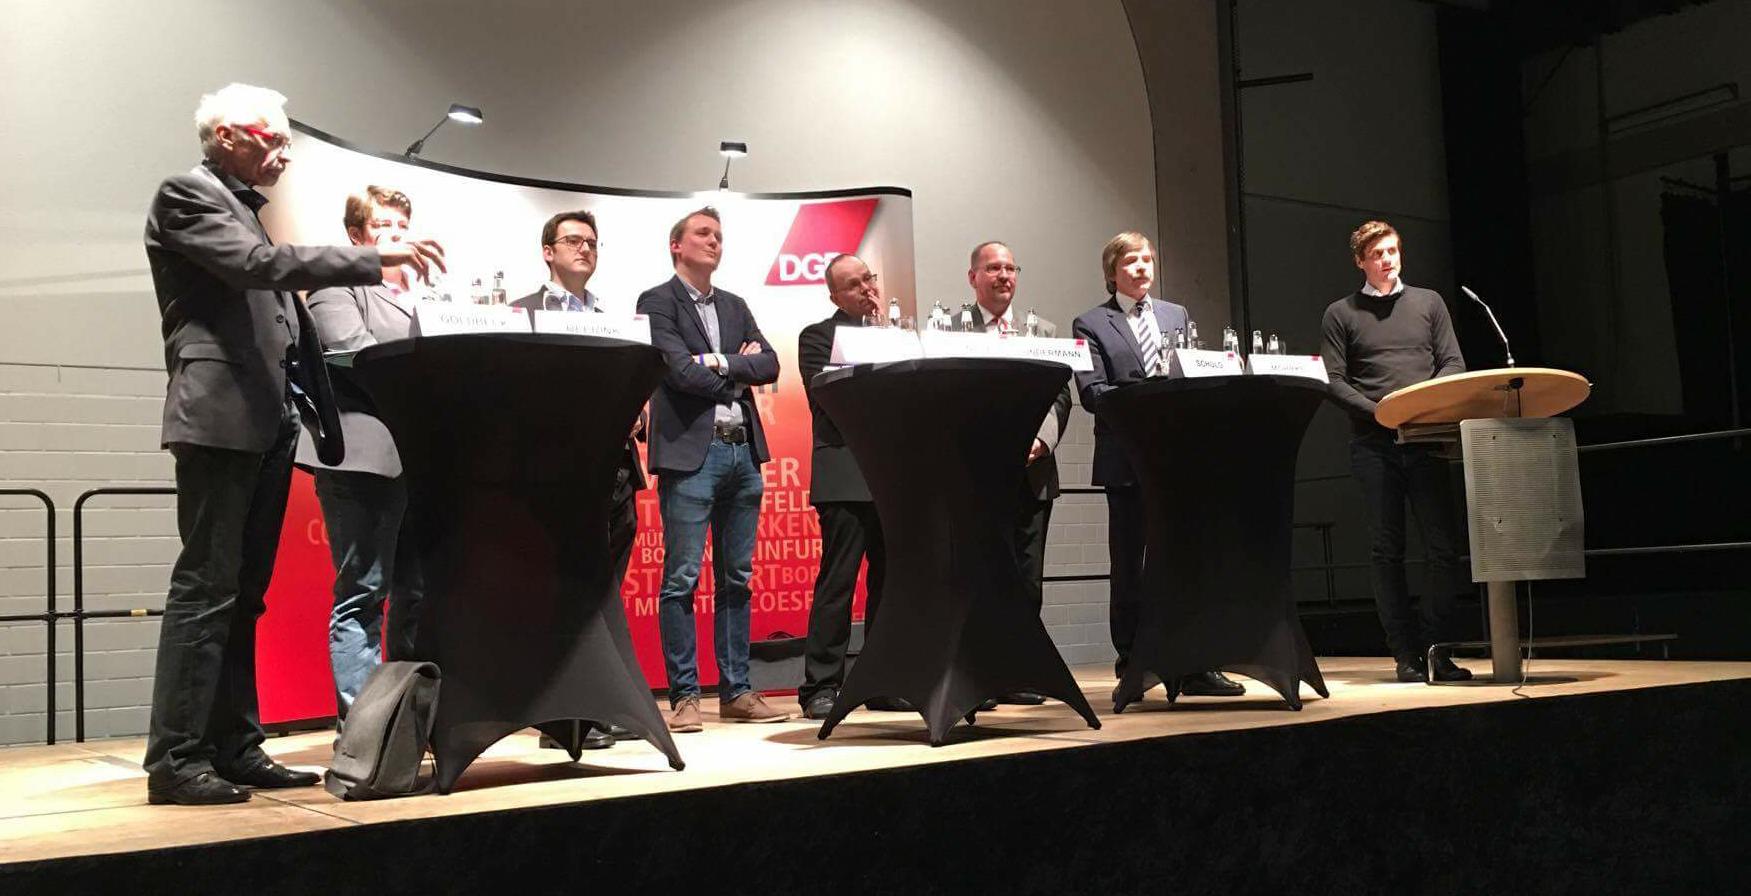 Stellten sich den Fragen aus dem Publikum und von Moderator Volker-Nicolai-Koß: Vertreter aus Politik und Gewerkschaft